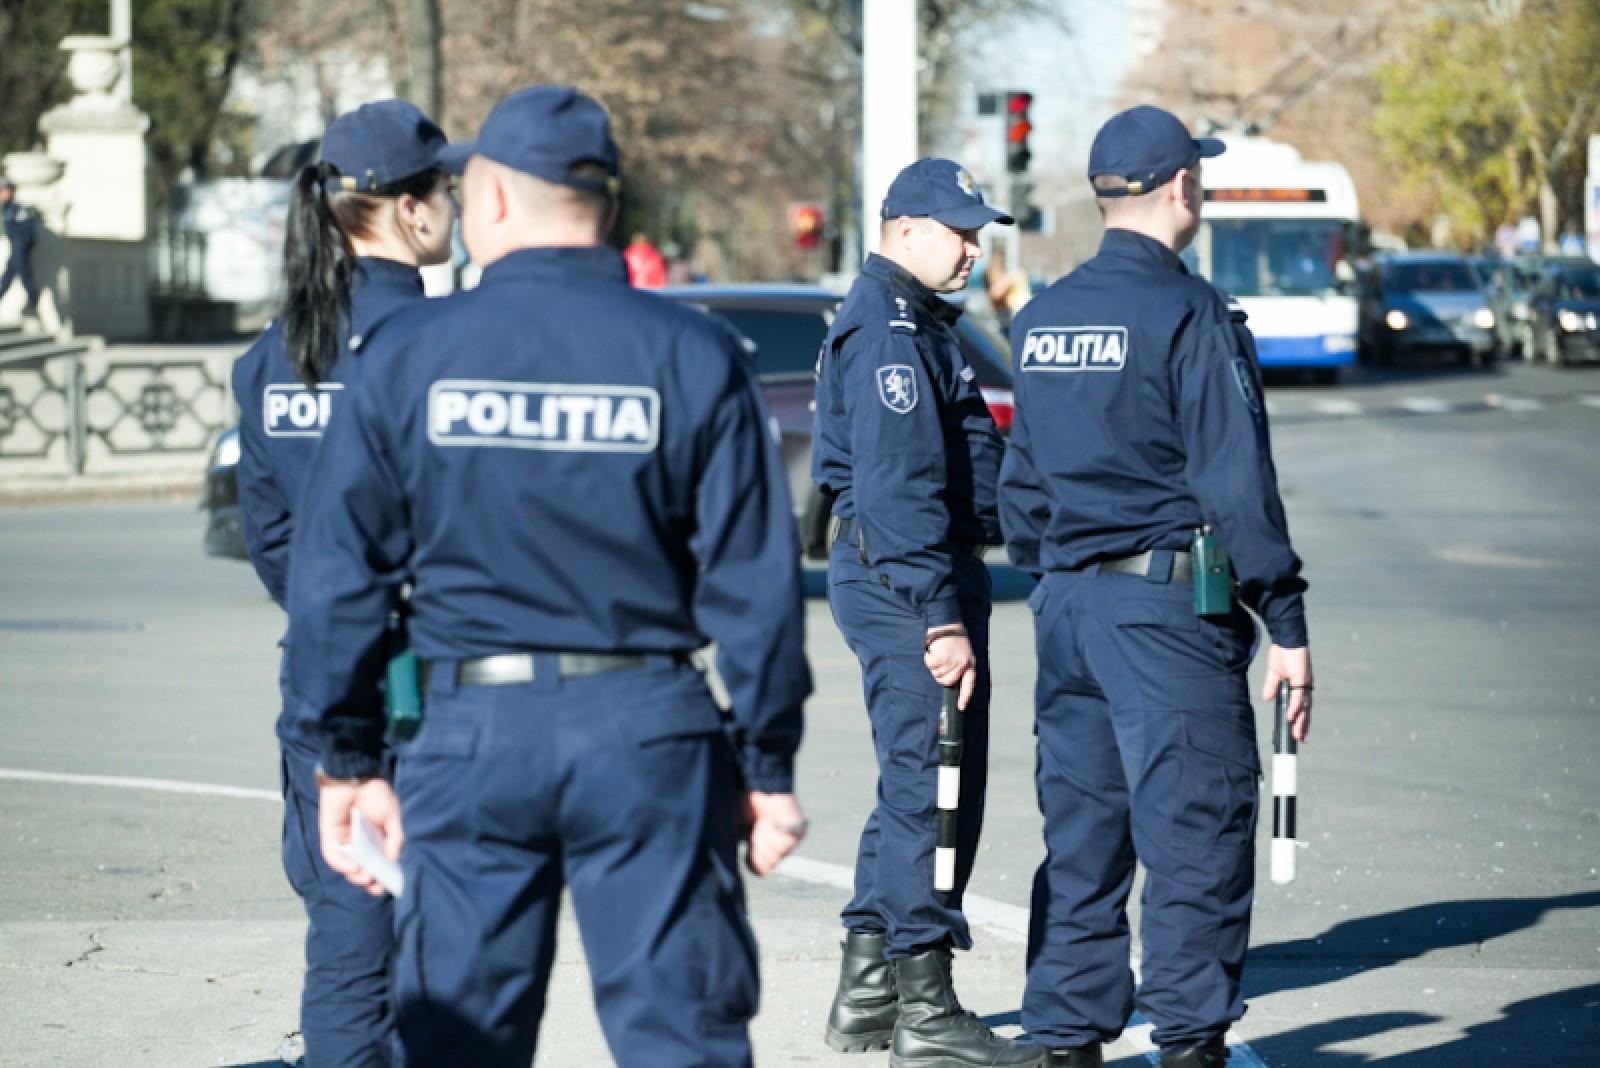 Exercițiu de simulare al forțelor de intervenţie într-o situaţie de urgenţă pe strada Mateevici din capitală. Poliția cere cetățenilor să nu intre în panică